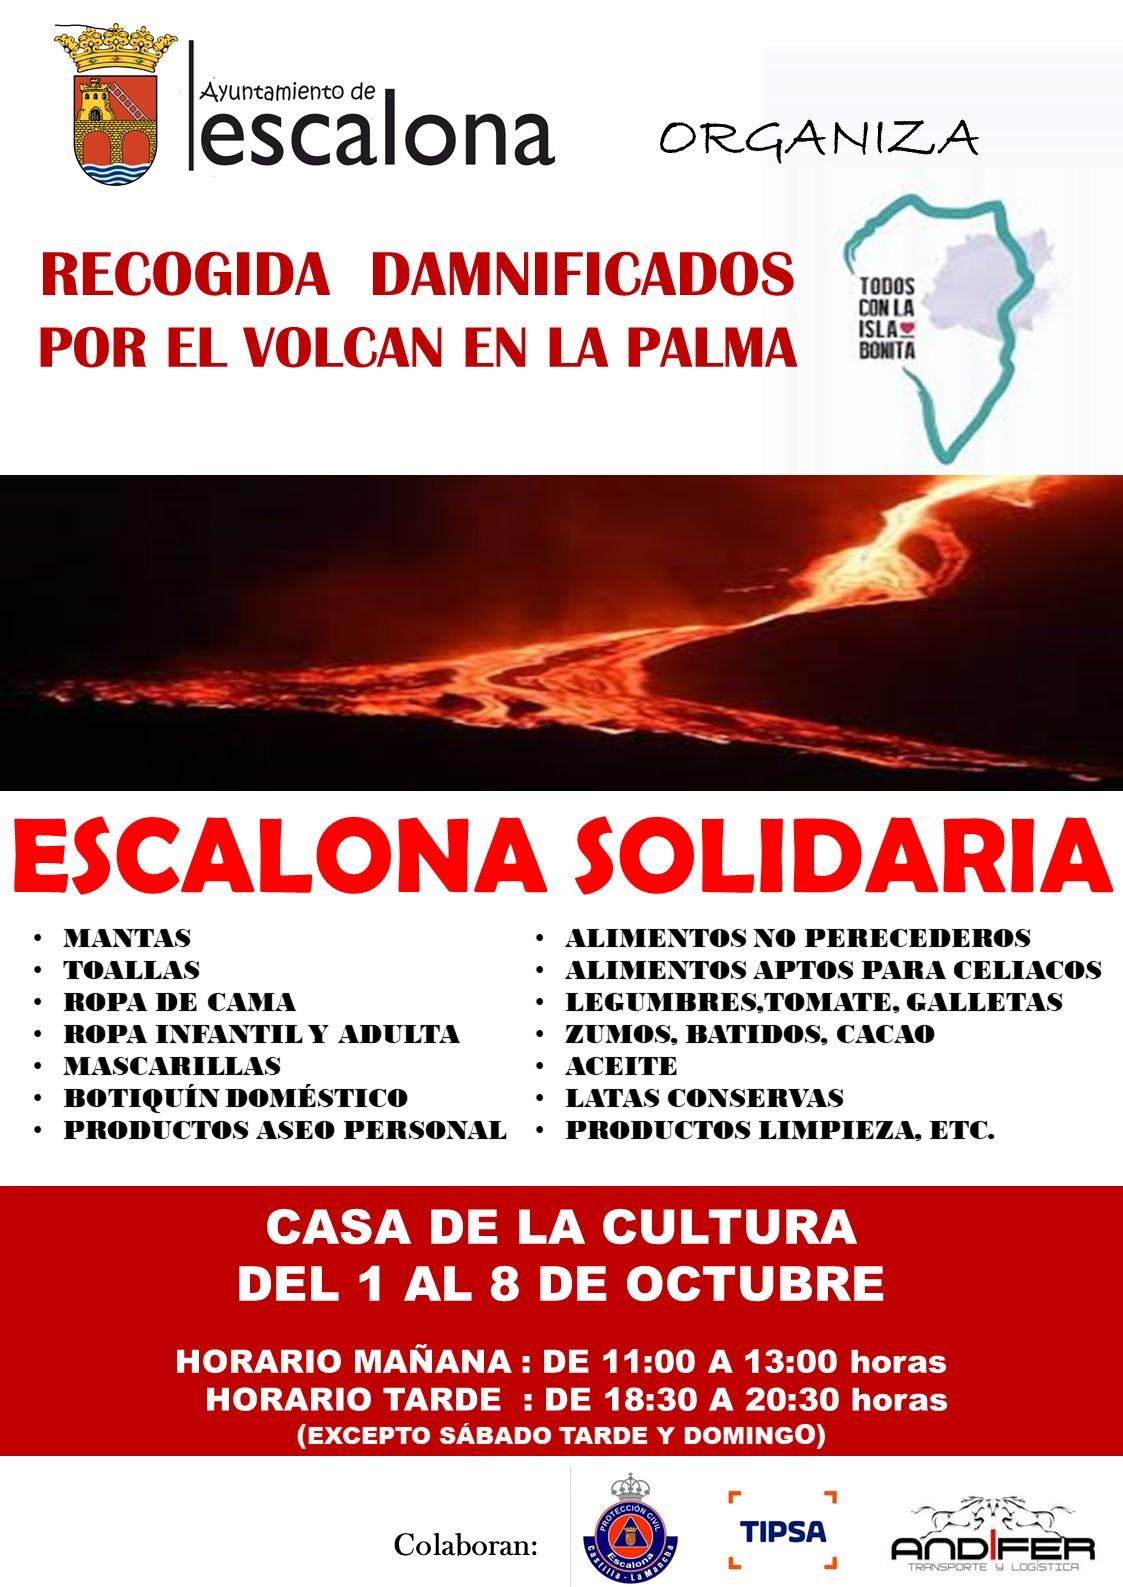 Recogida solidaria damnificados por el volcán de La Palma - Ayuntamiento de Escalona